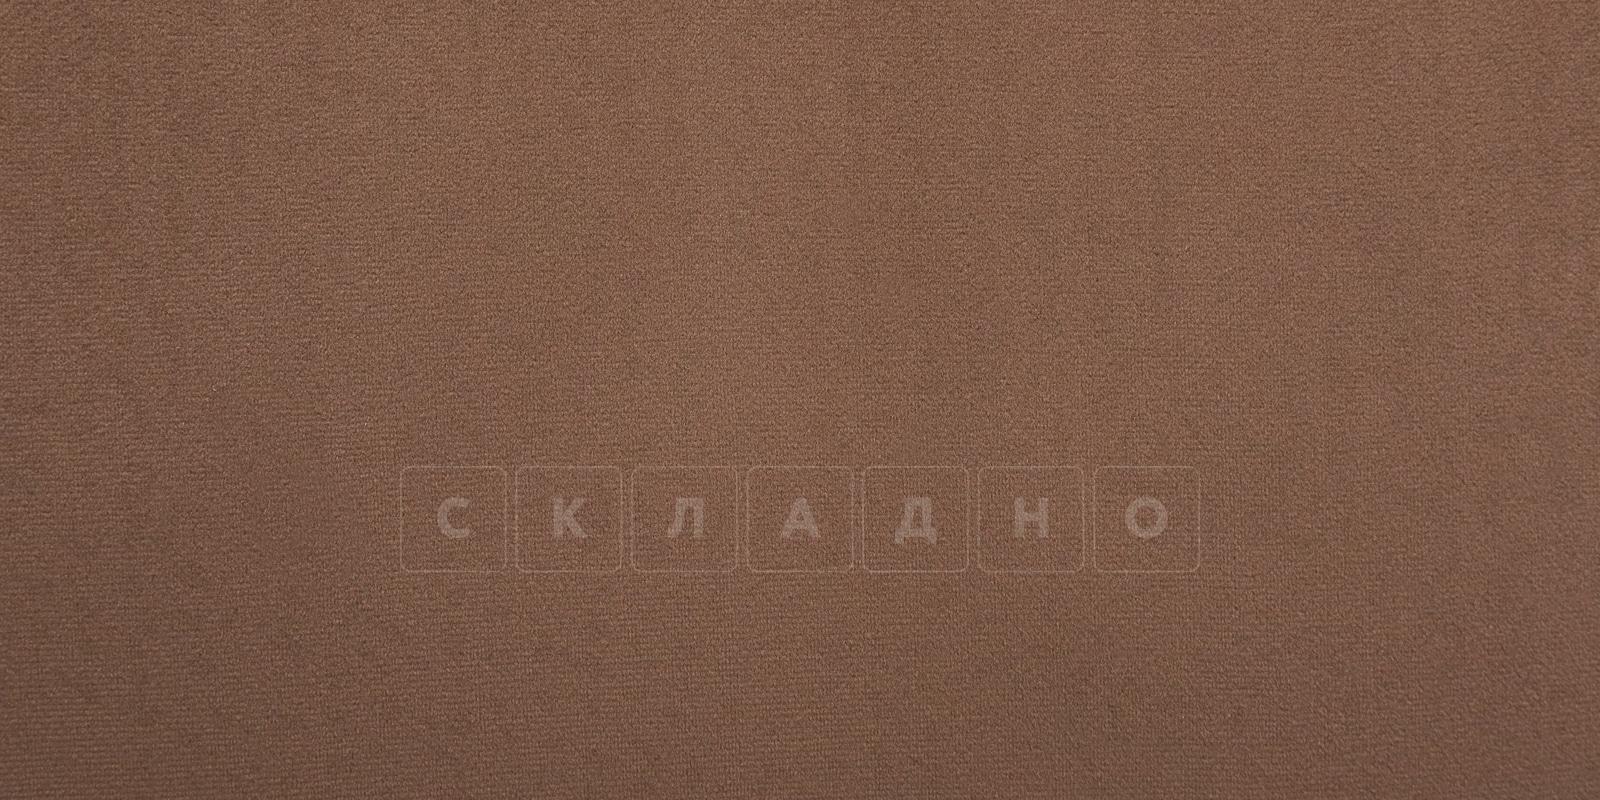 Диван Бристоль велюр коричневый фото 8 | интернет-магазин Складно